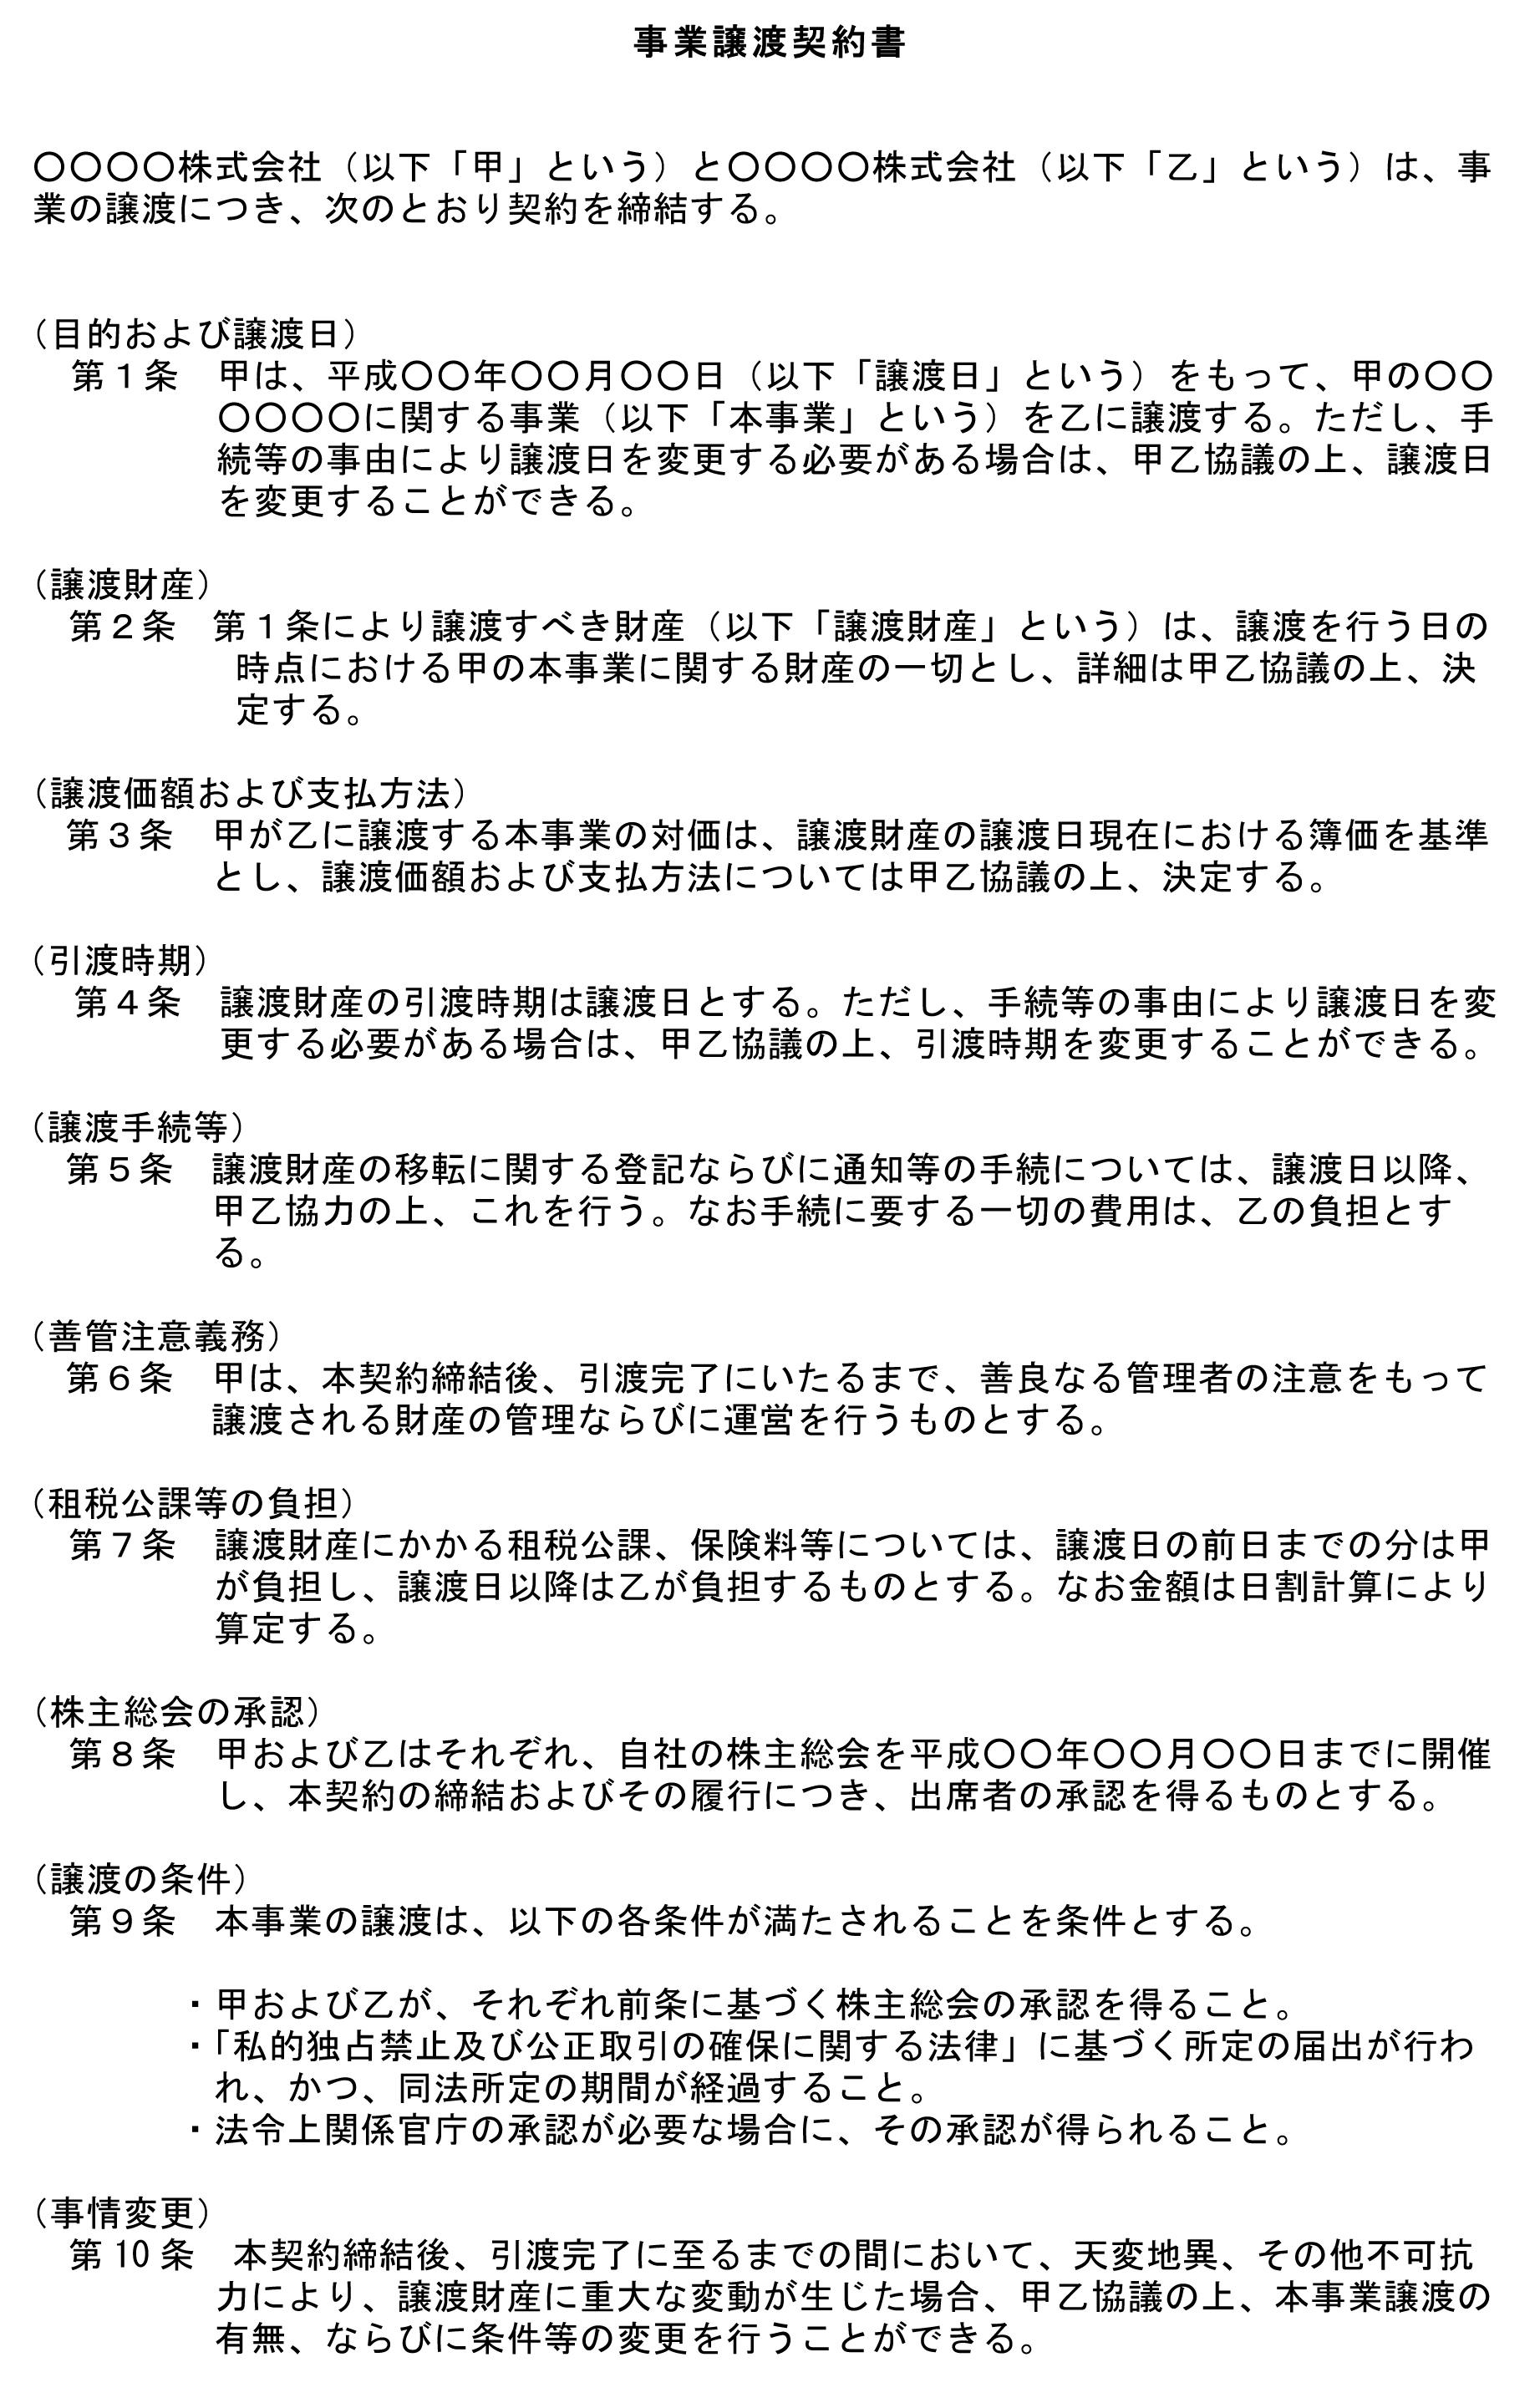 営業譲渡契約書(一部譲渡)